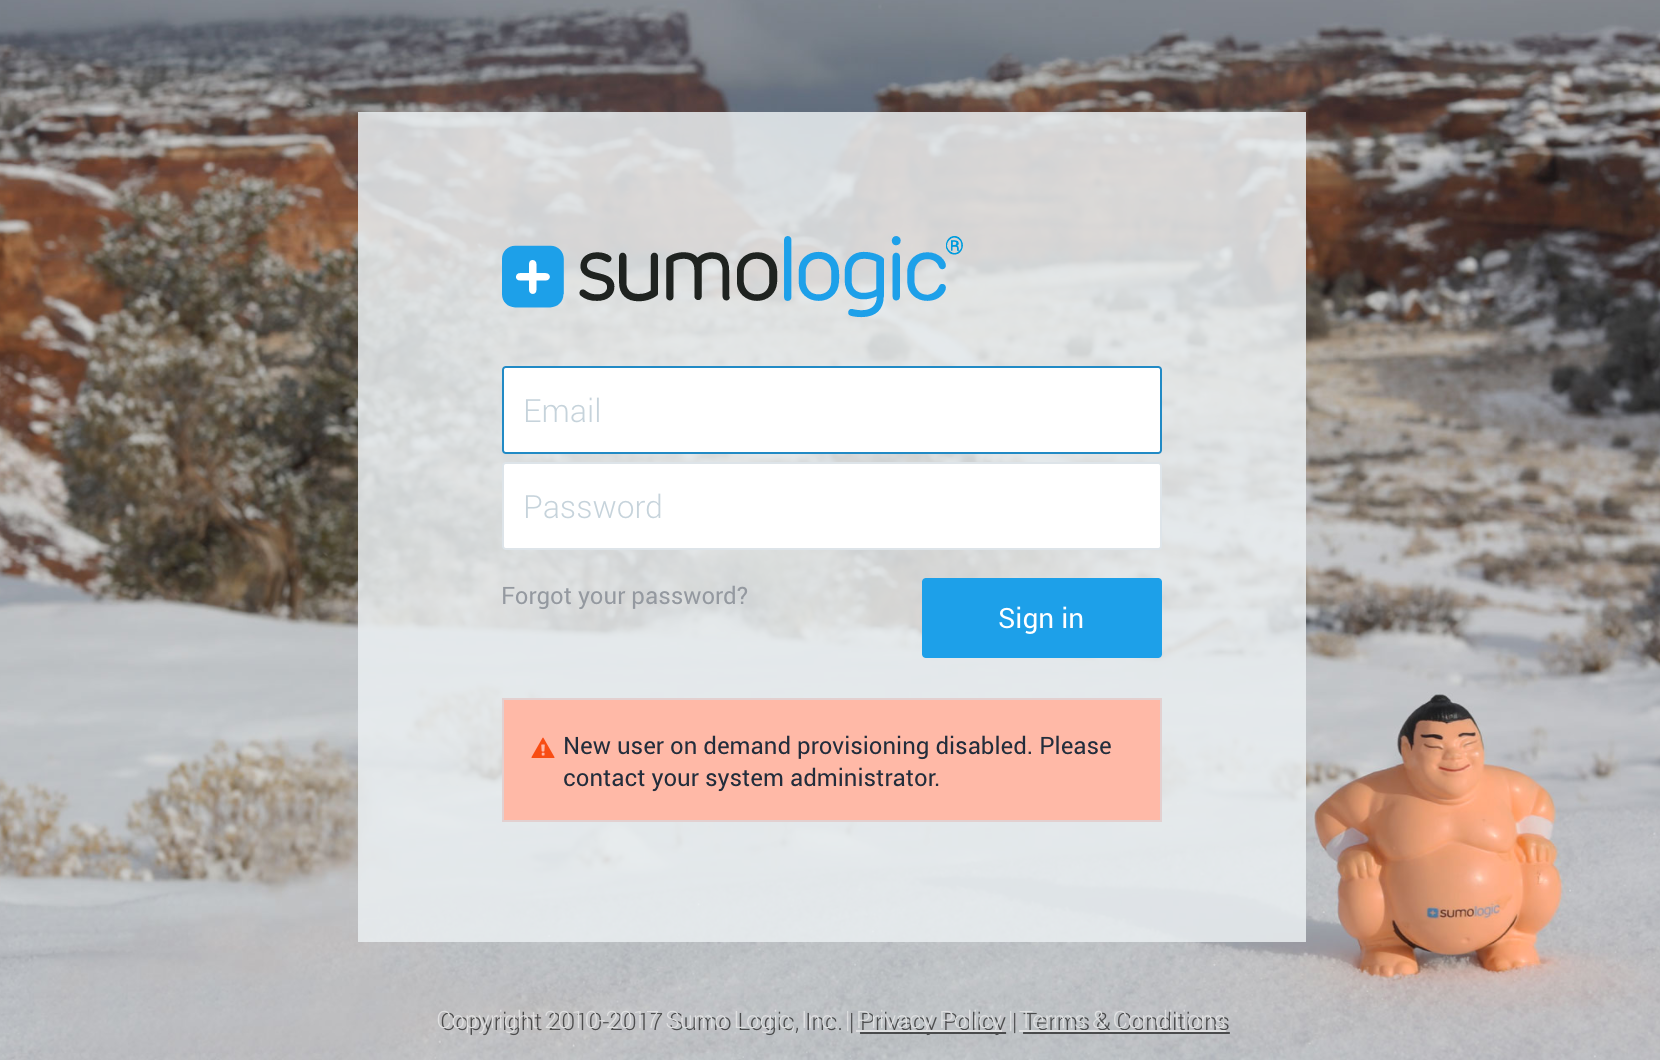 200-sumologic-no-role